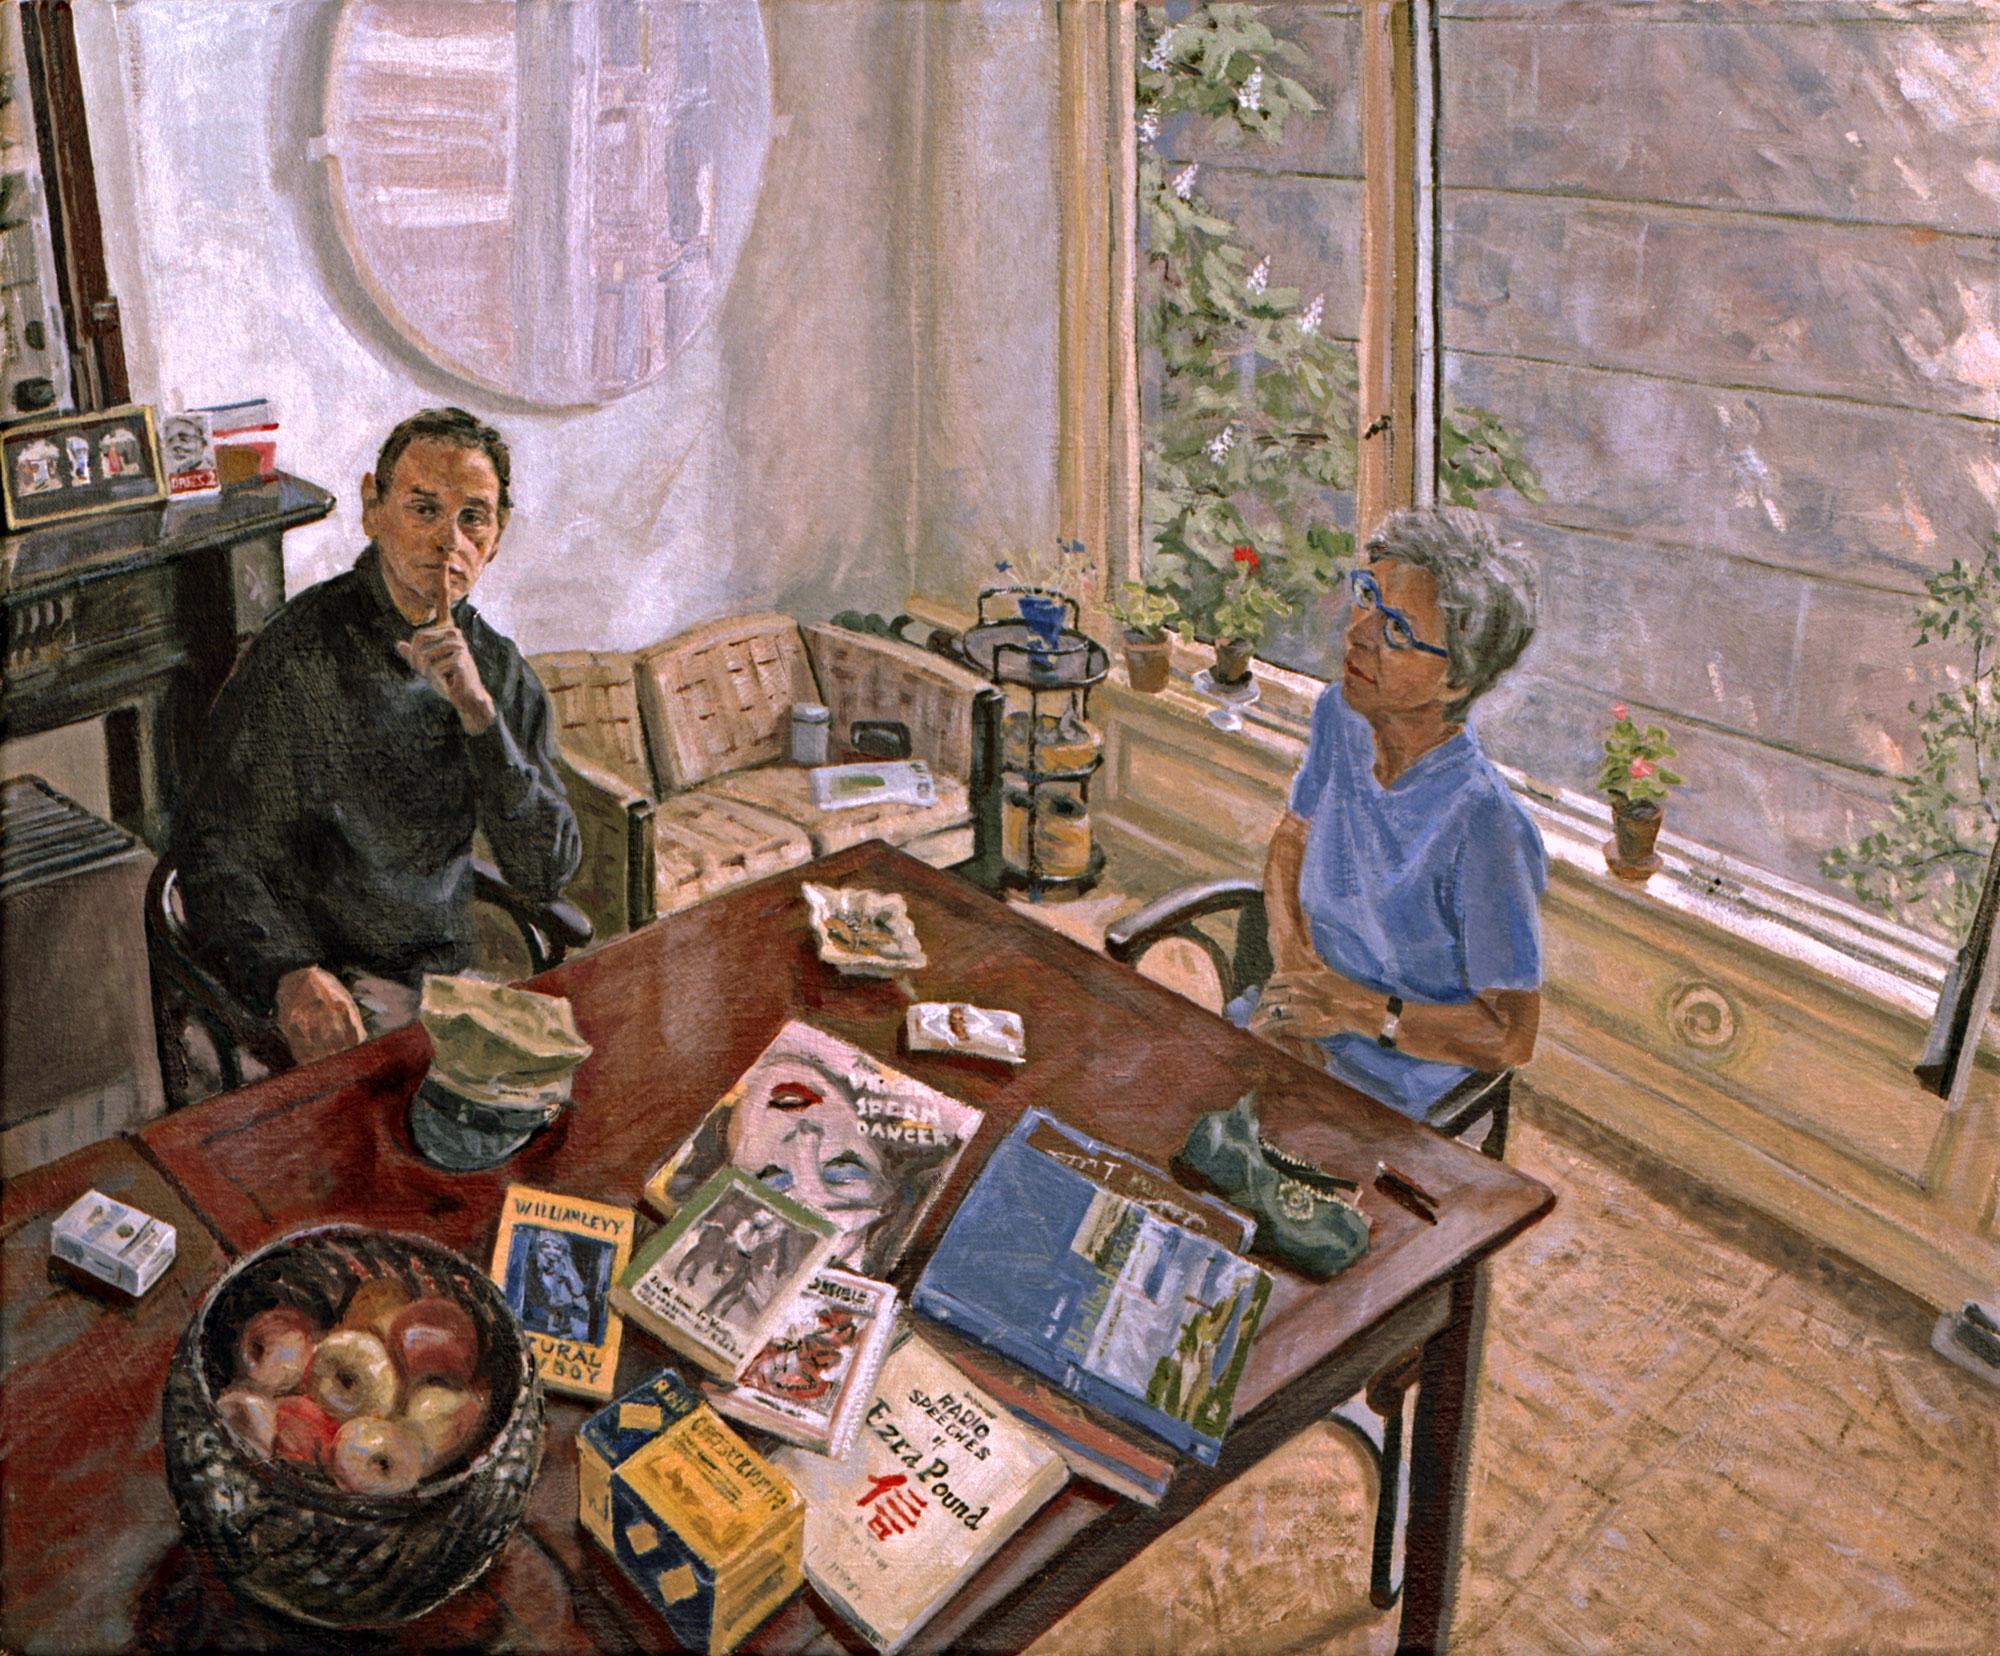 In opdracht: Ludy en Bill, 2002